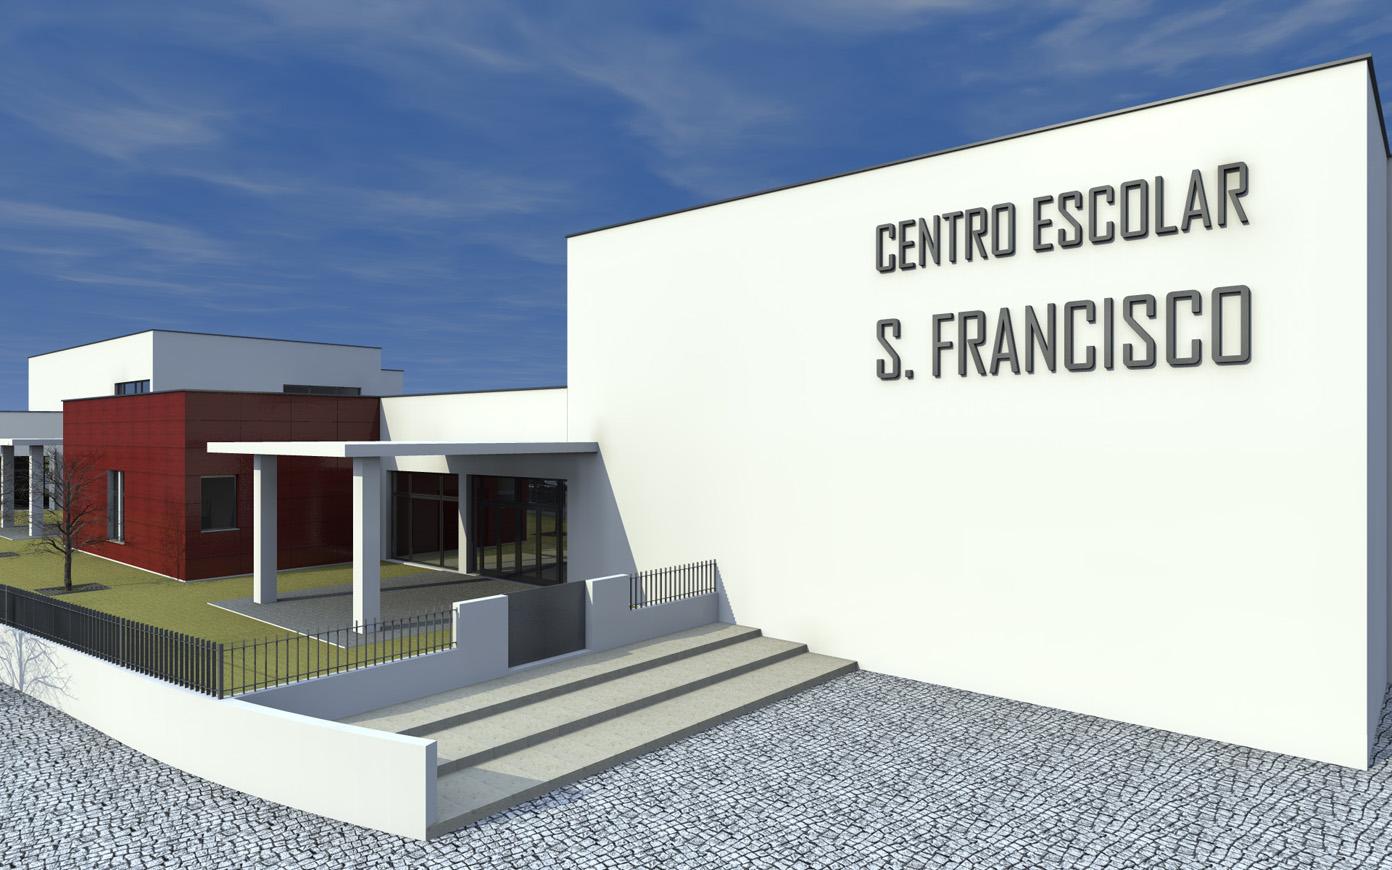 CENTRO ESCOLAR DE SÃO FRANCISCO